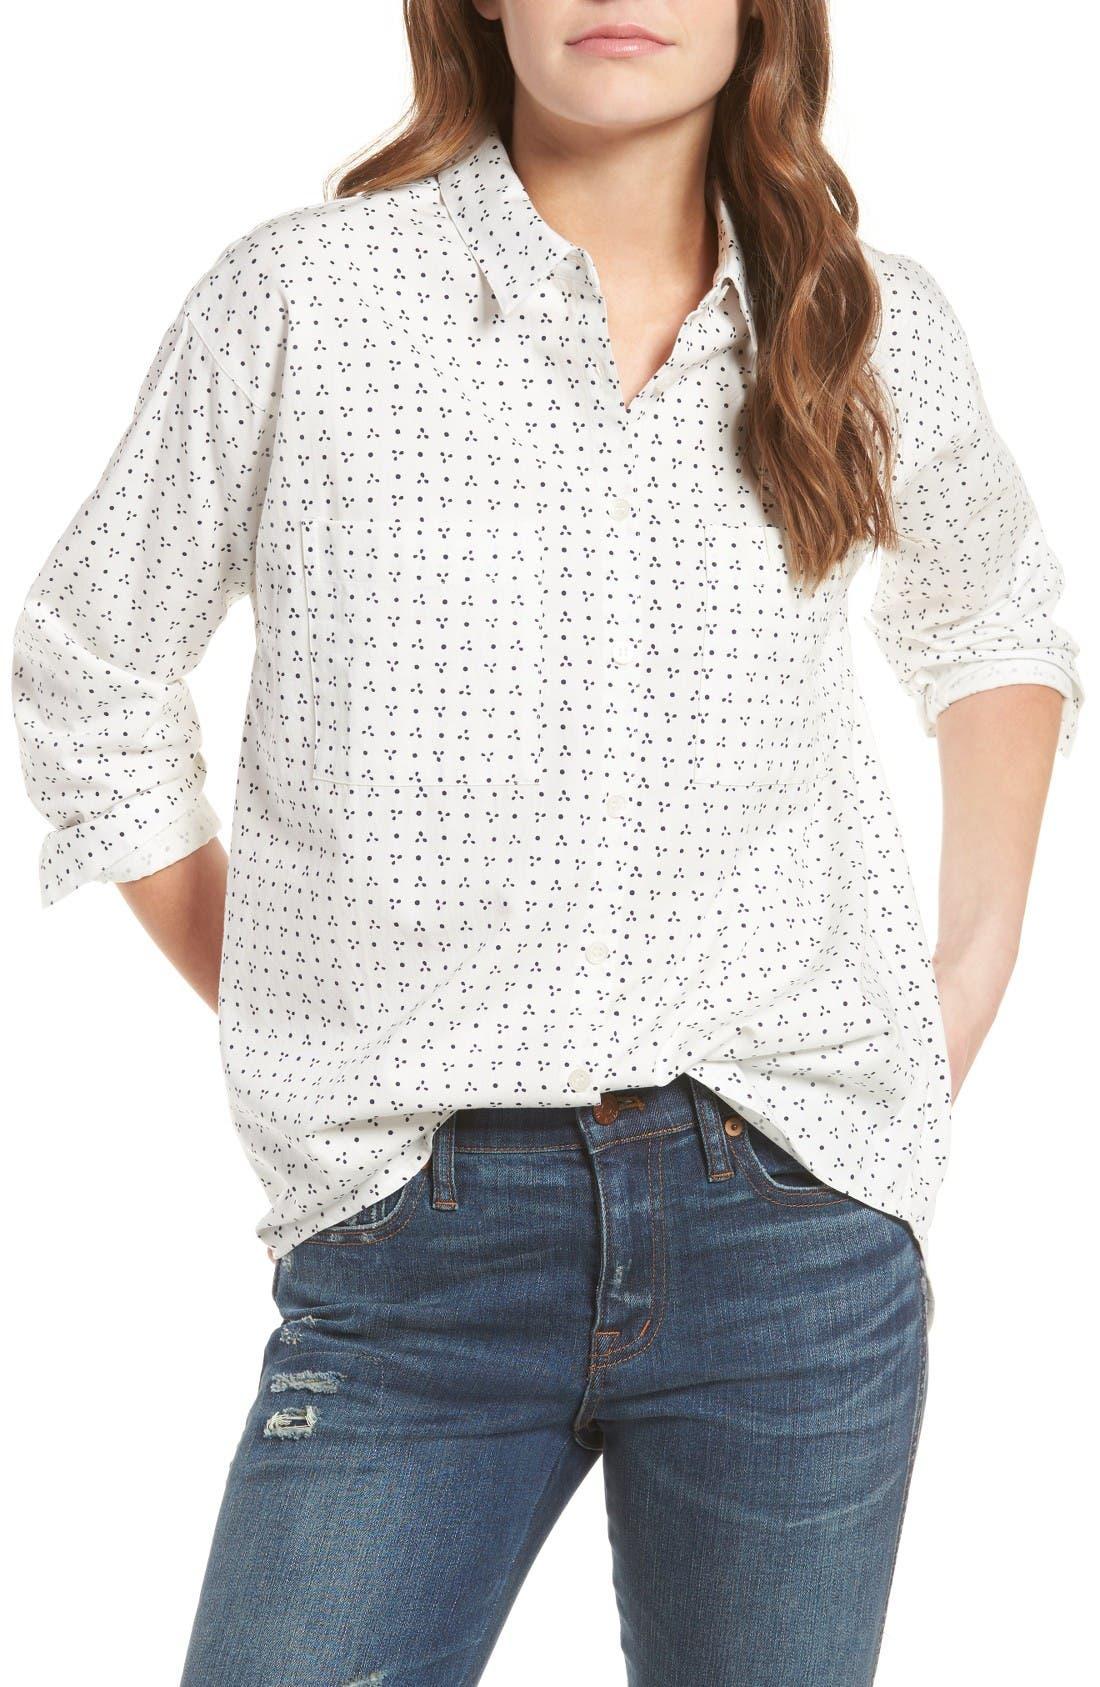 Main Image - Madewell Shrunken Trapeze Shirt